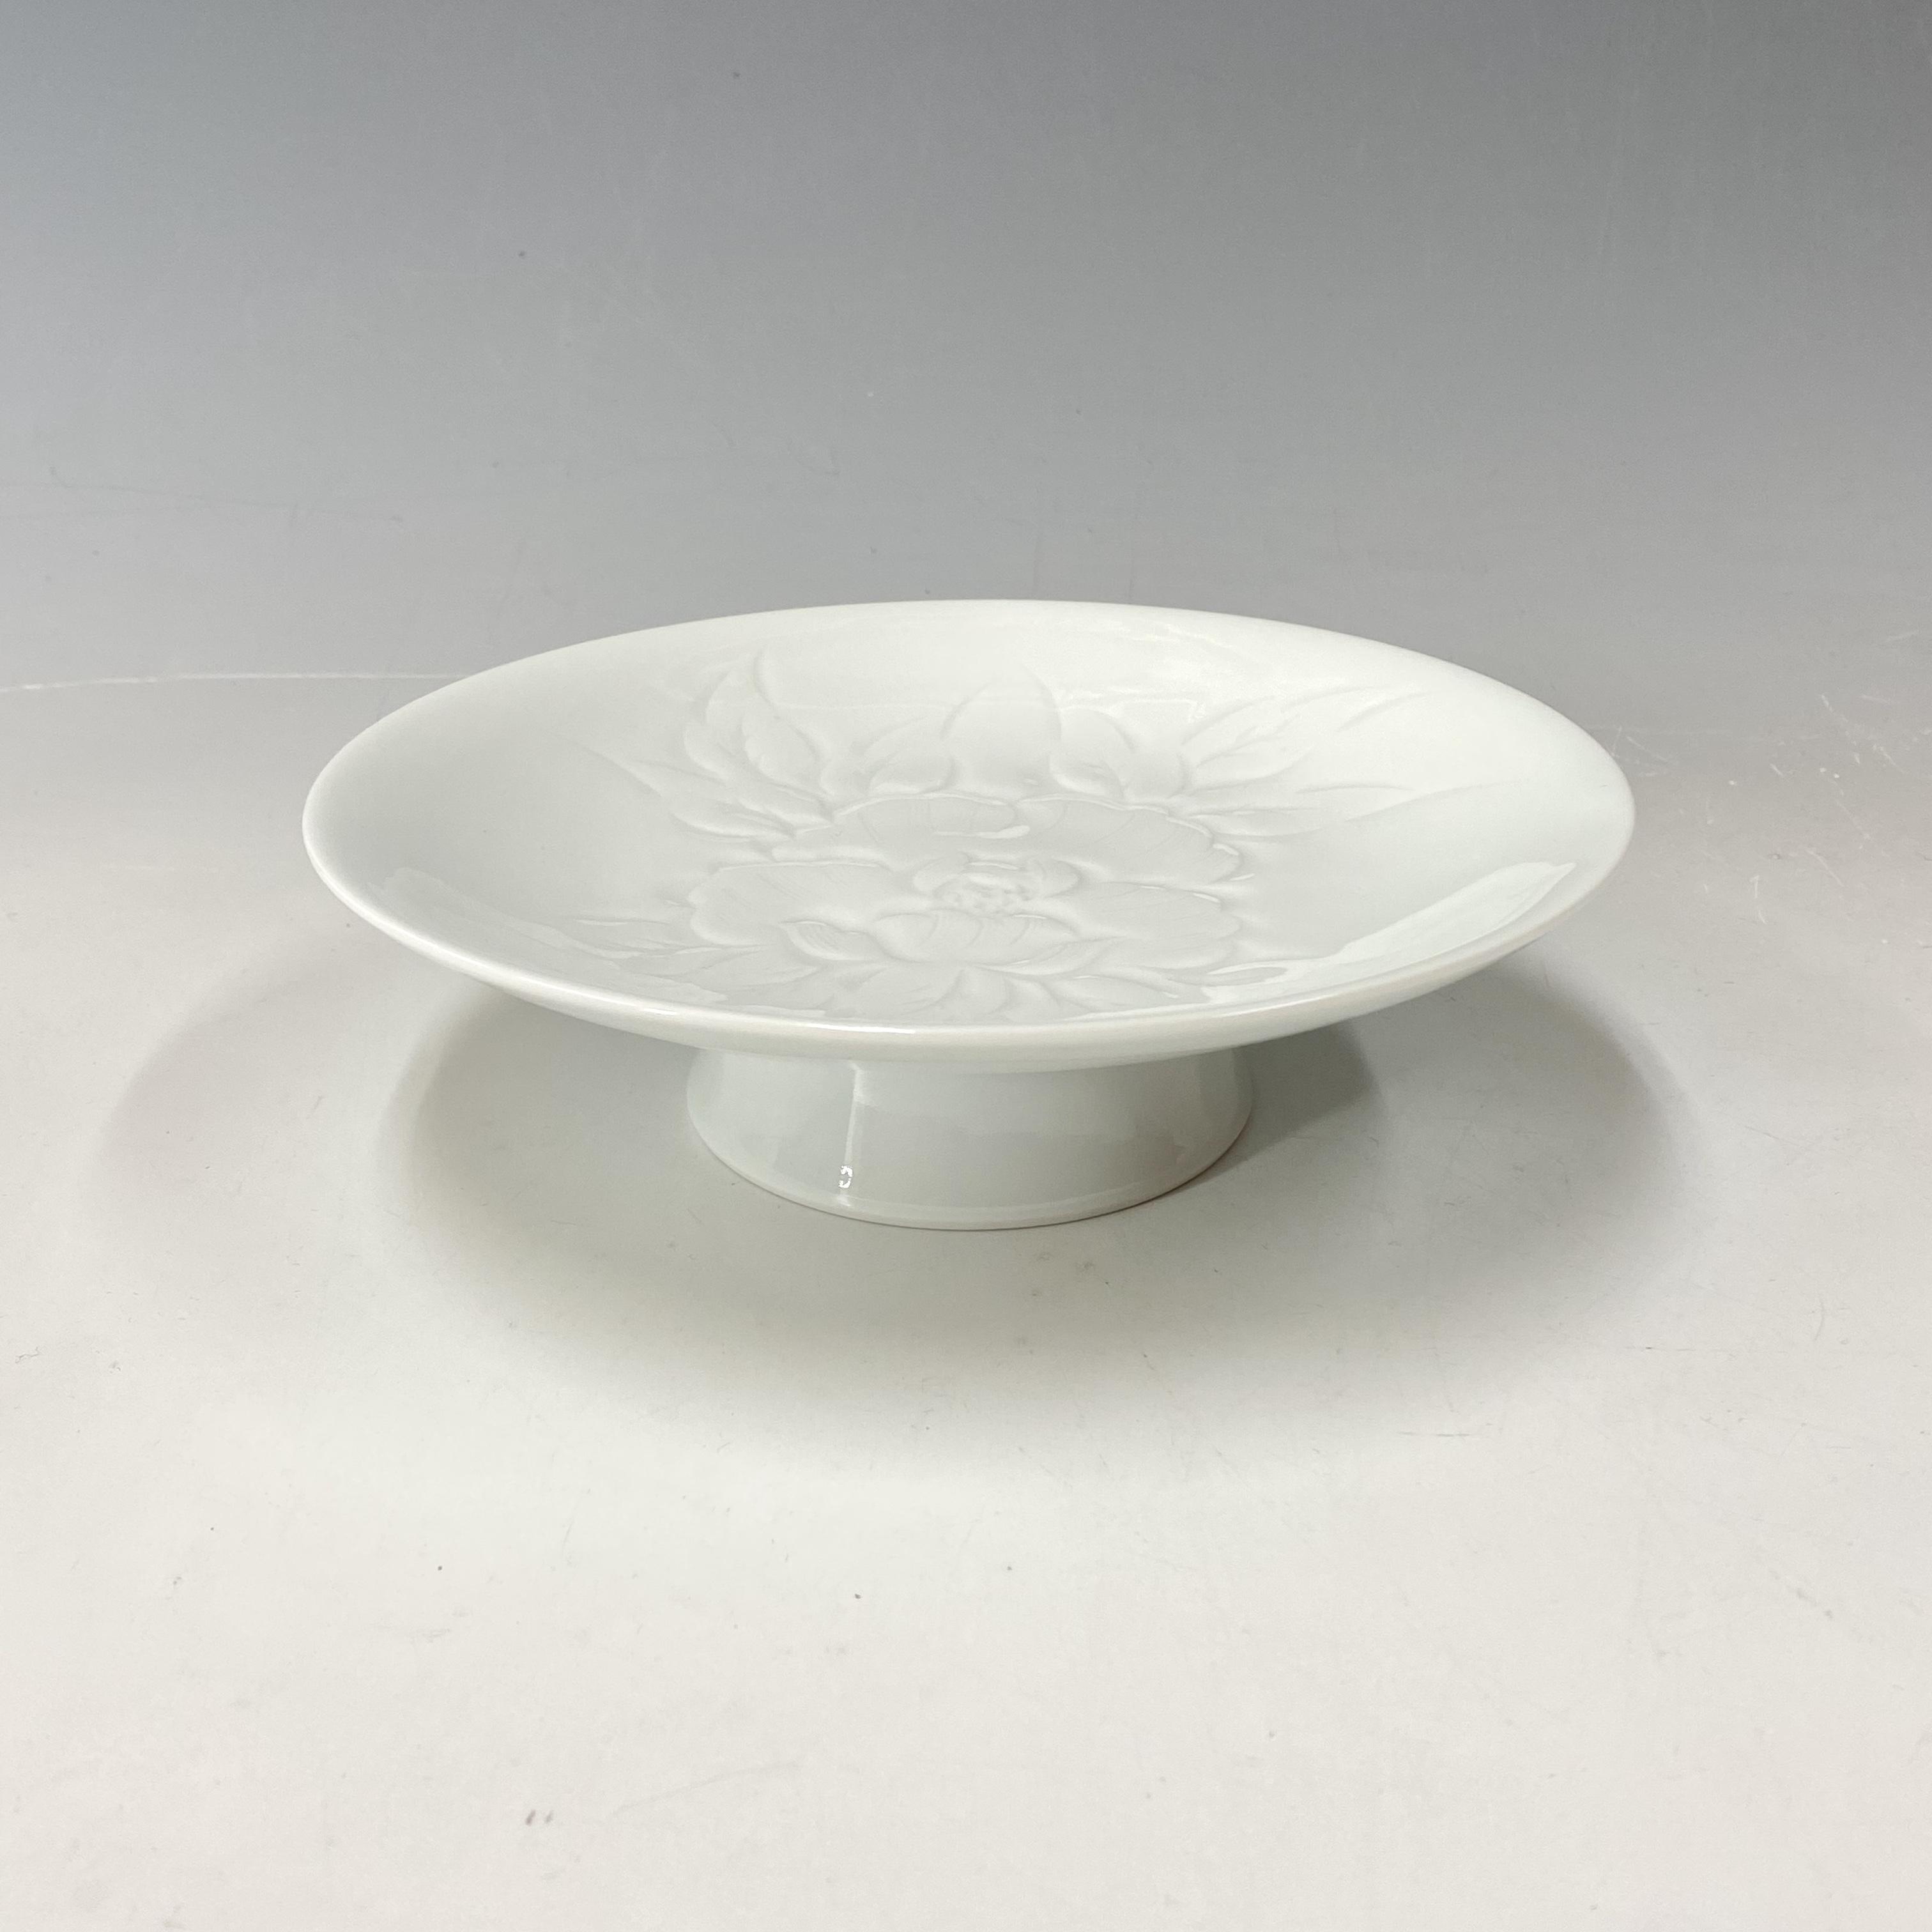 【中尾恭純】白磁牡丹彫コンポート